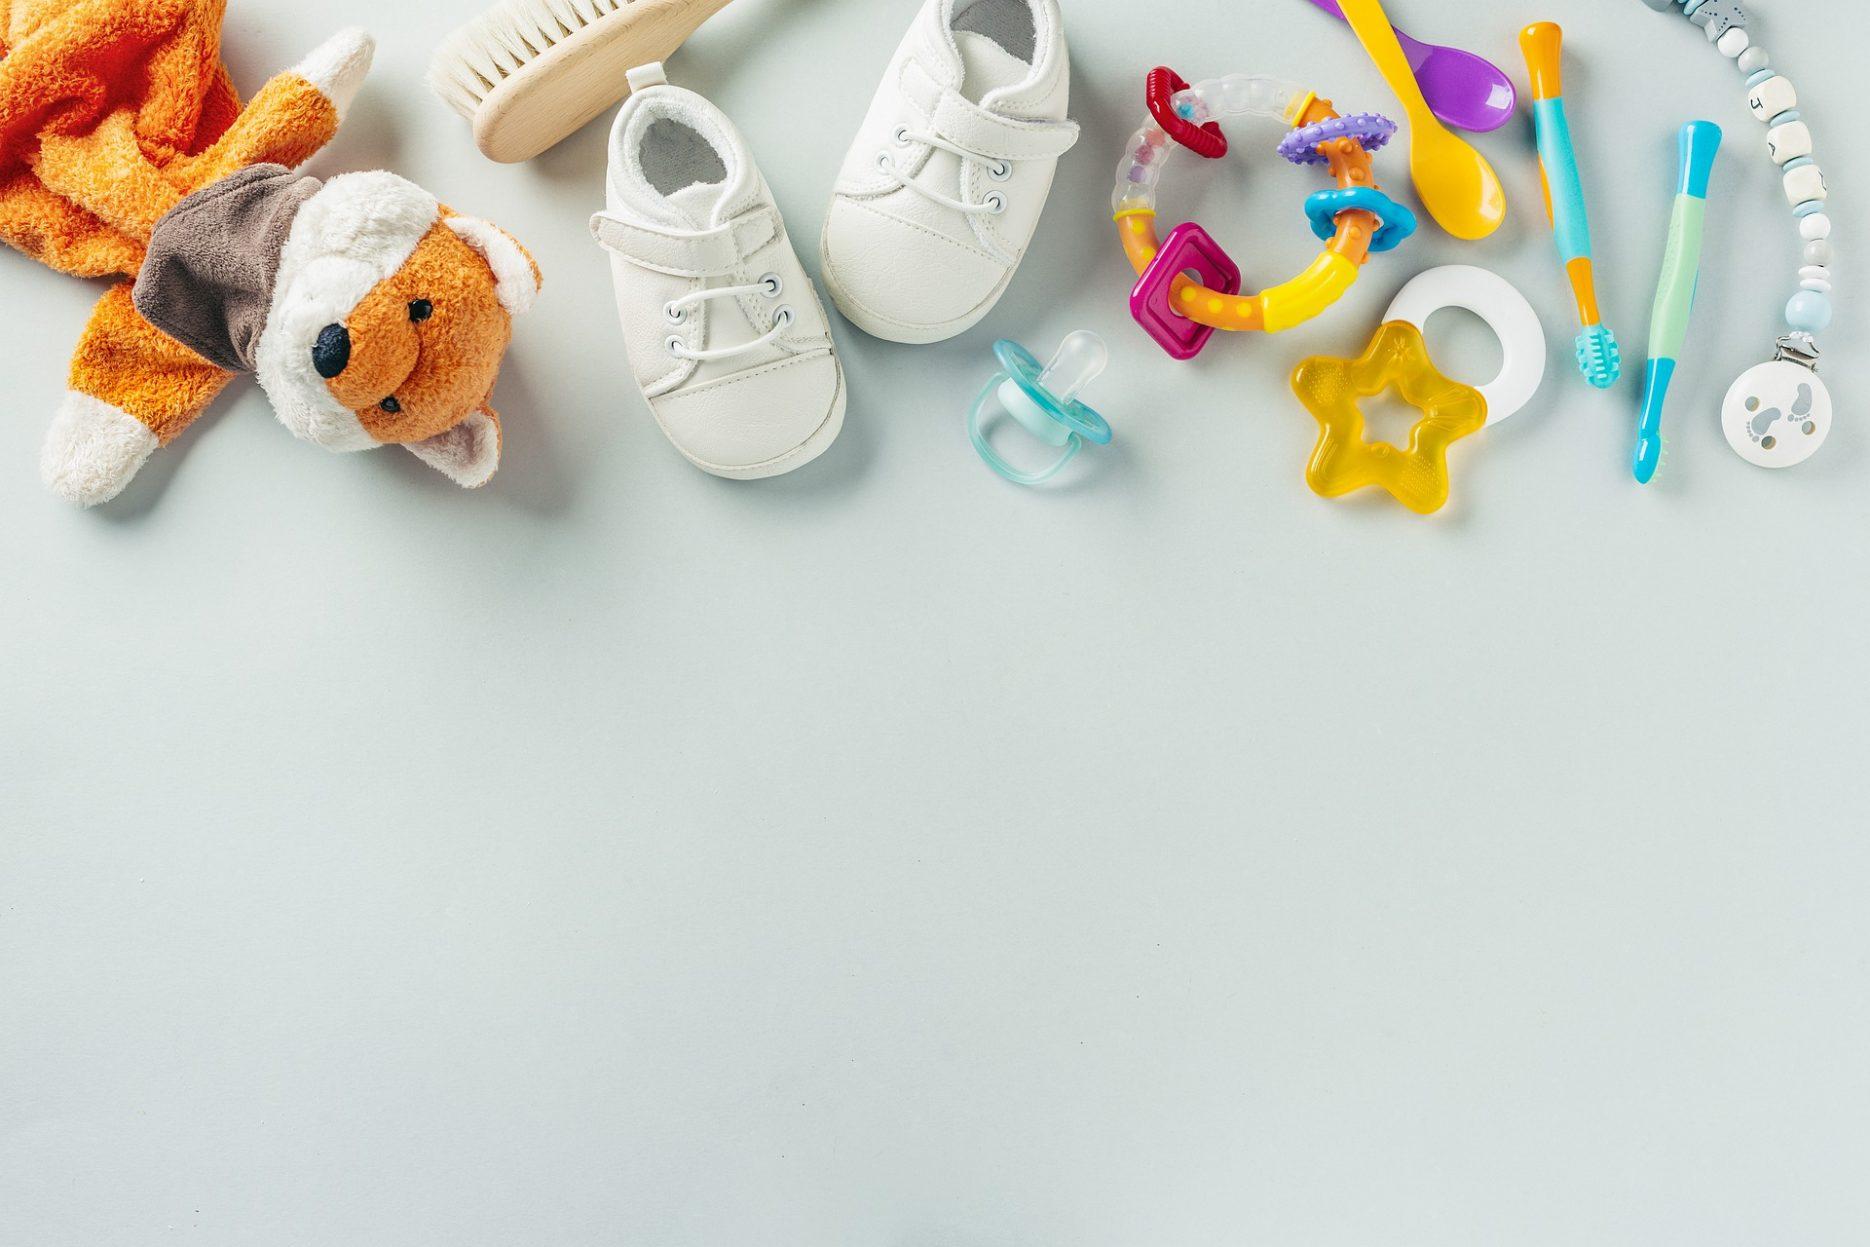 Das Bild zeigt verschiedene, bunte Baby-Sachen: Fuchs-Kuscheltier, Haarbürste, Schuhe, Spielzeug, Schnuller und Schnullerkette, Zahnbürsten, Löffel.